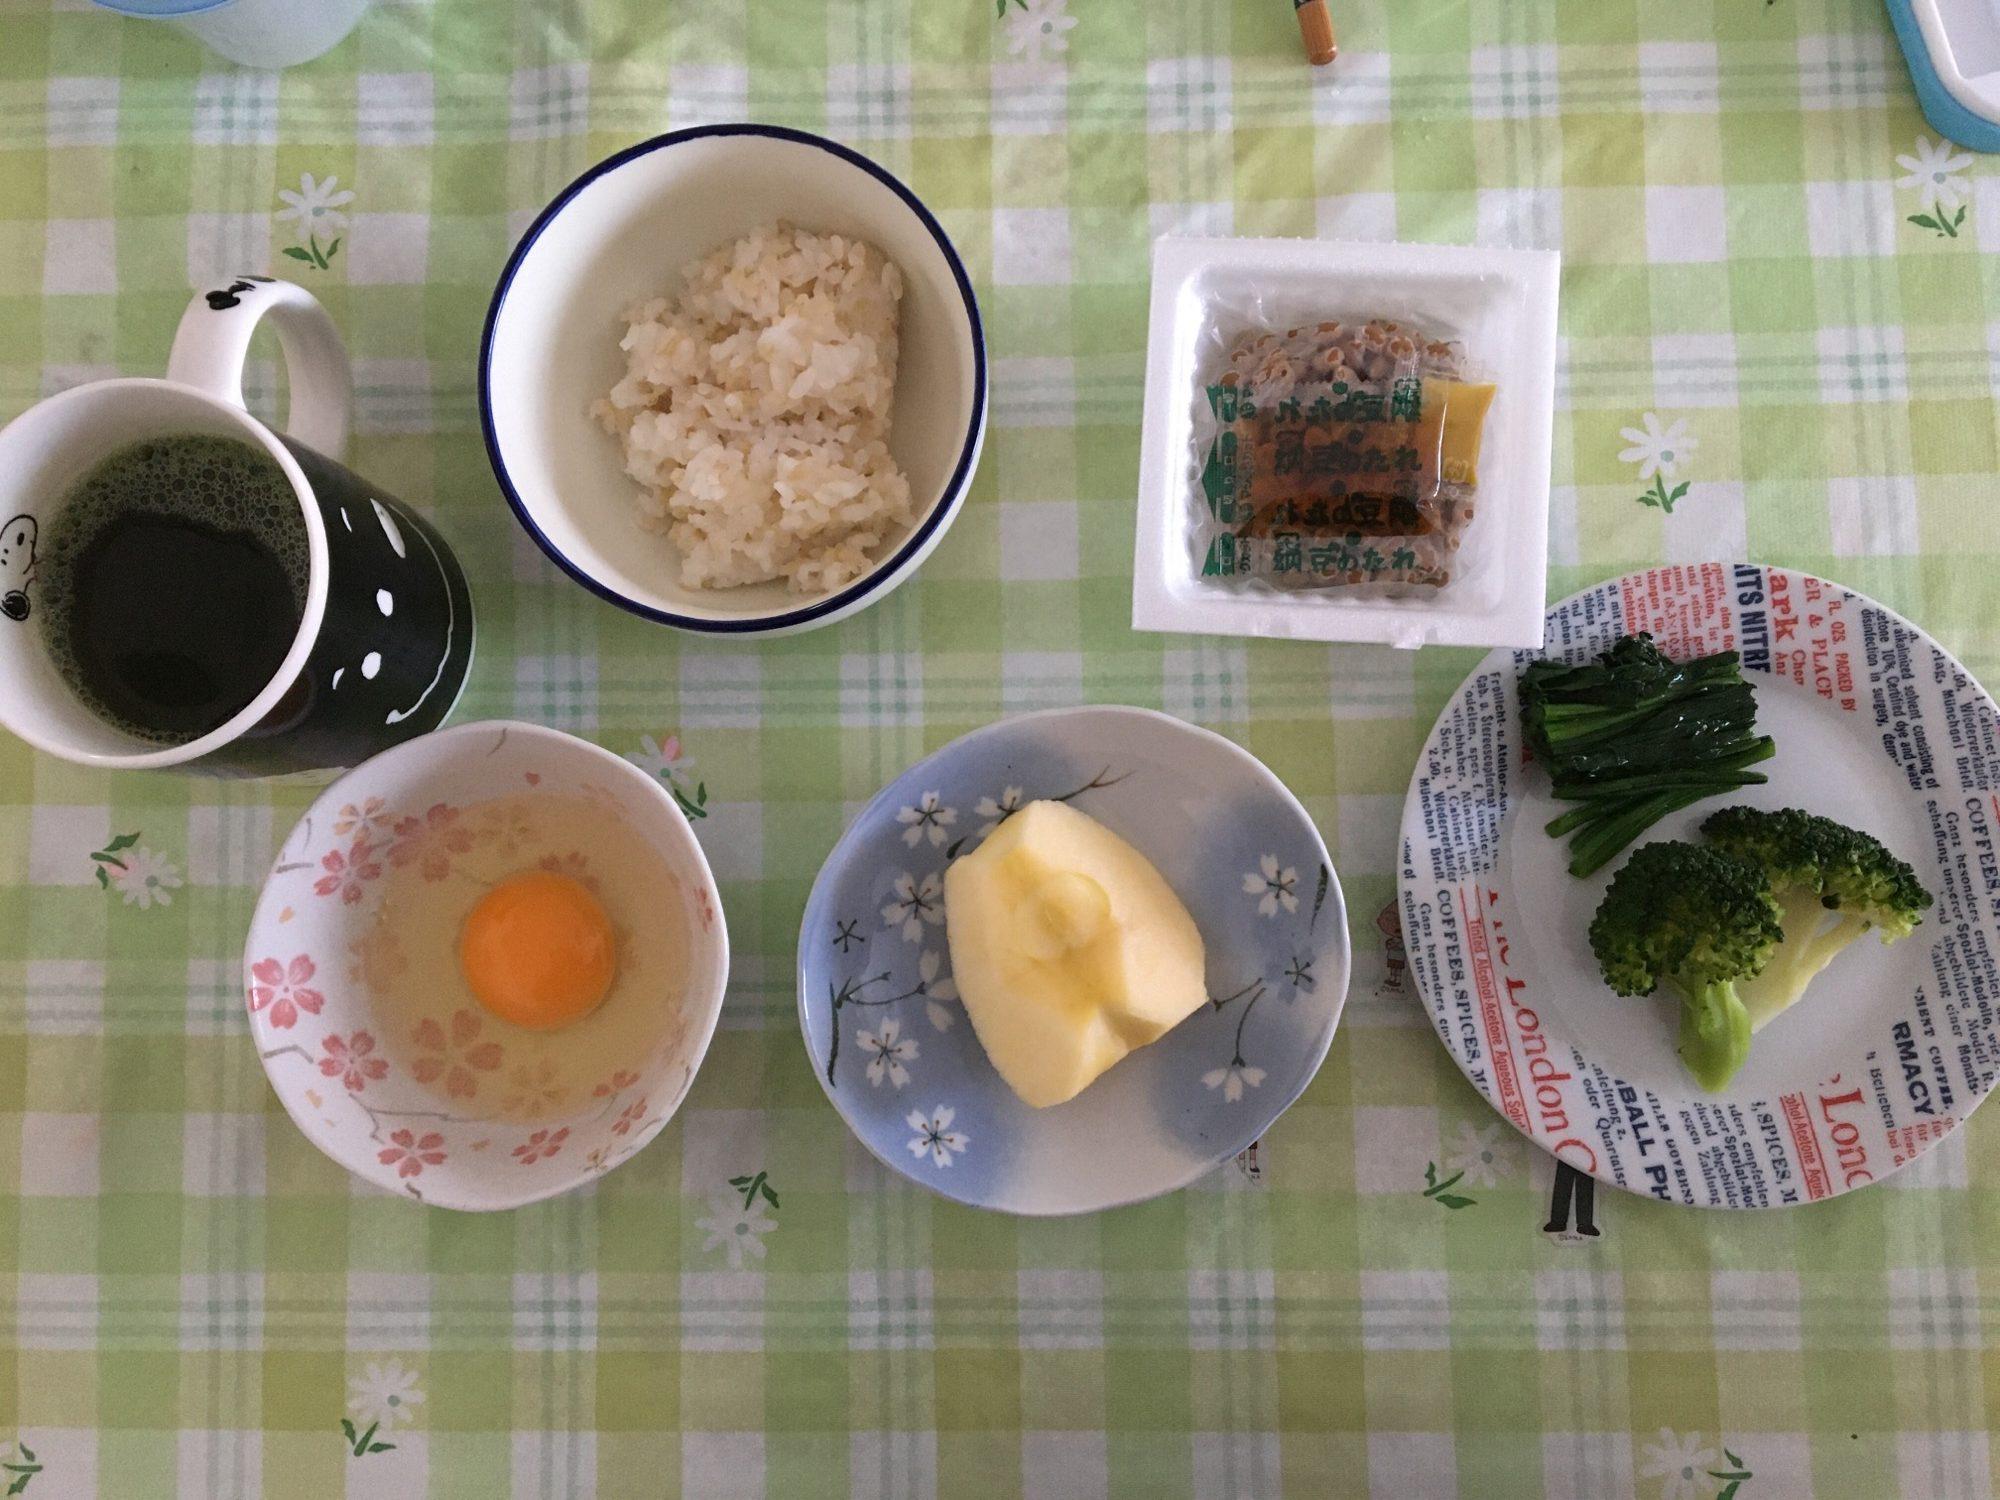 朝食のメニュー②